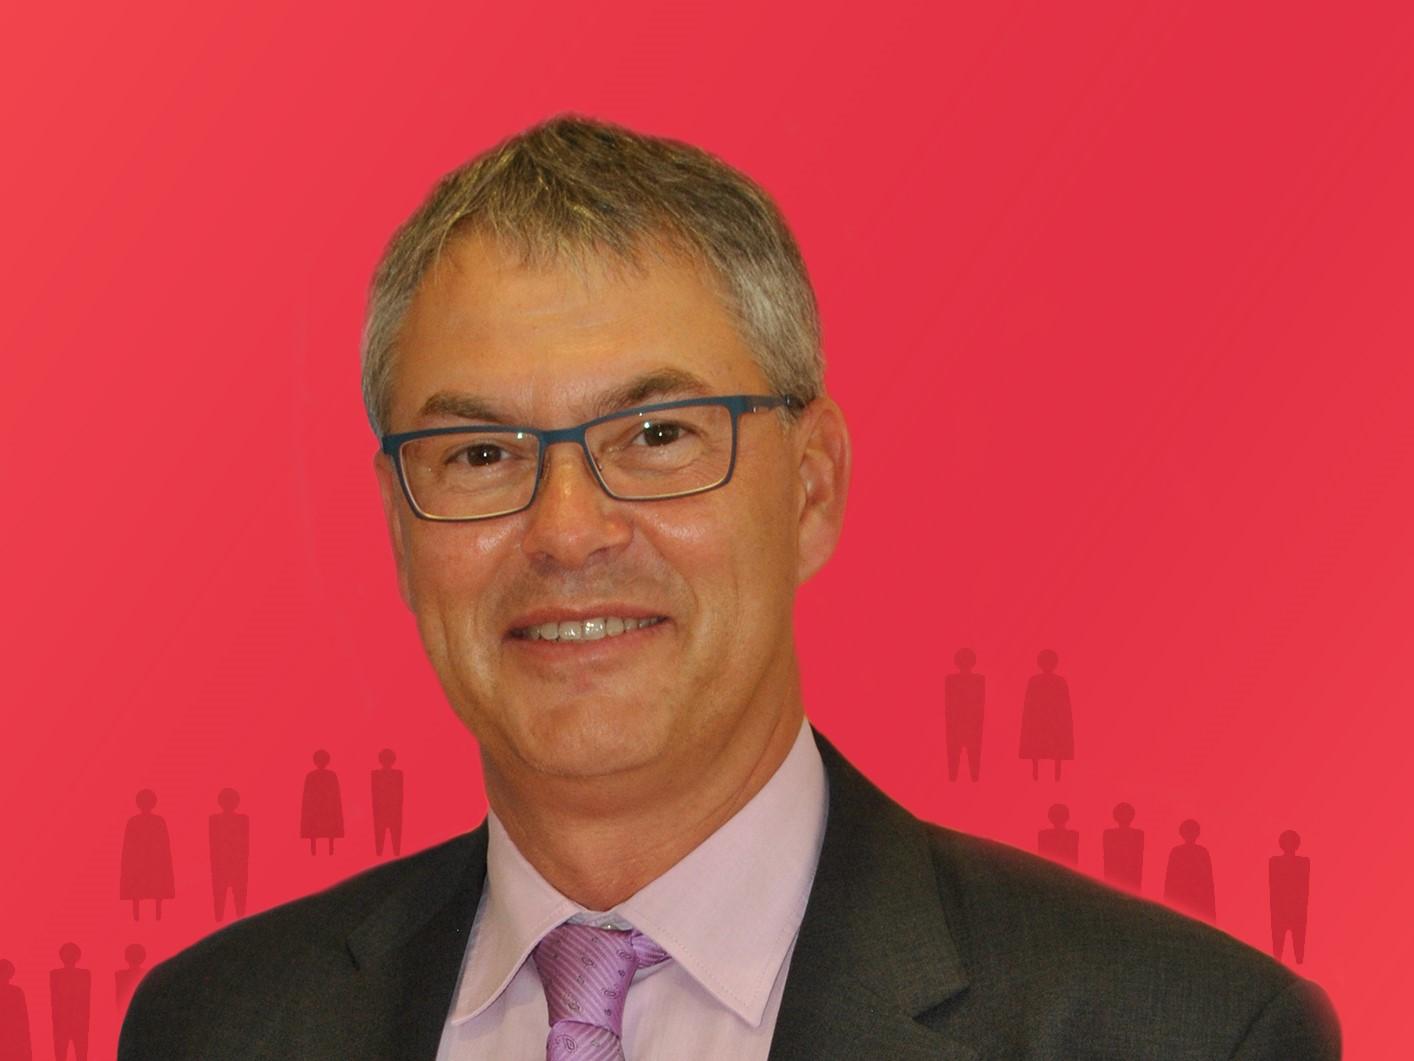 Generalsekretär Stephan Buttgereit